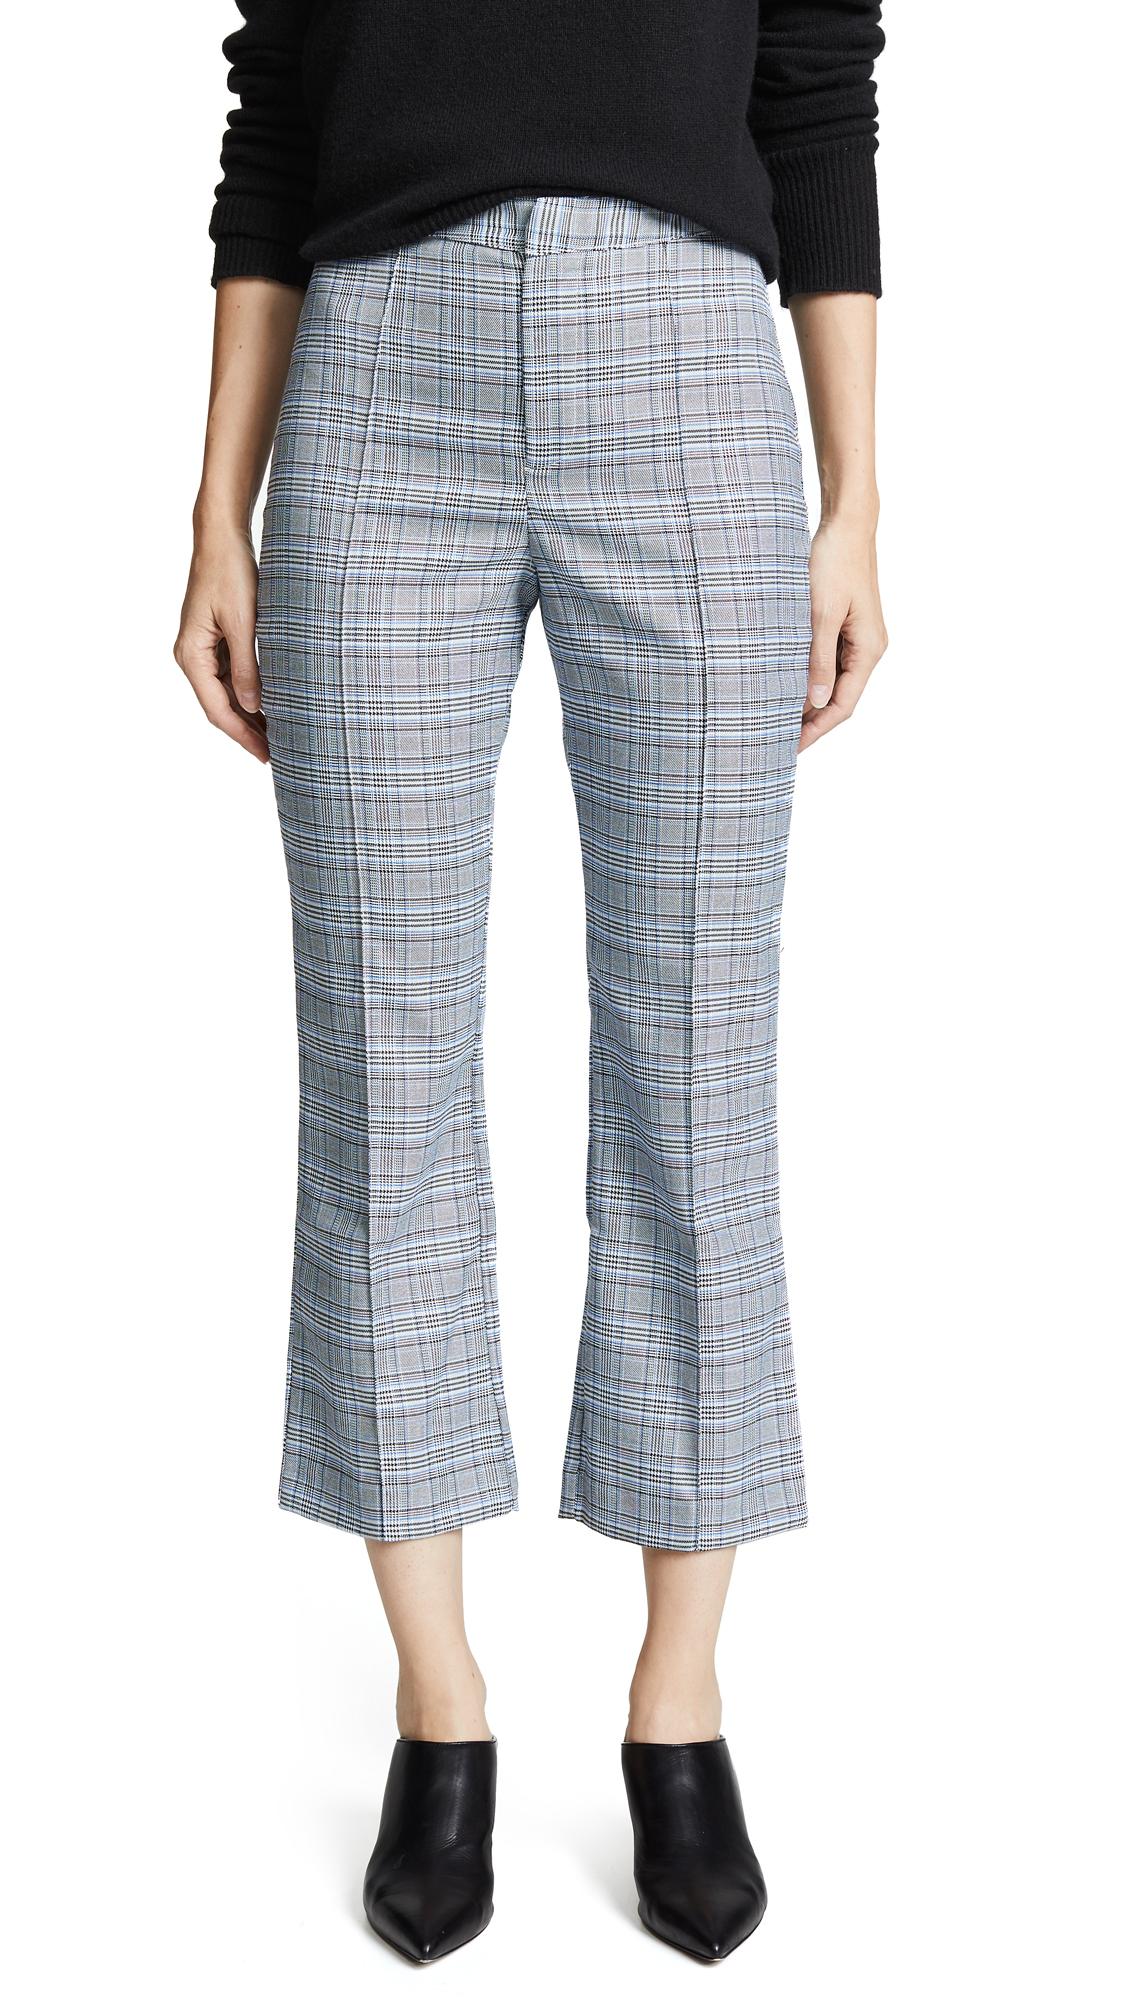 WAYF Finn Cropped Pants - Blue Tweed